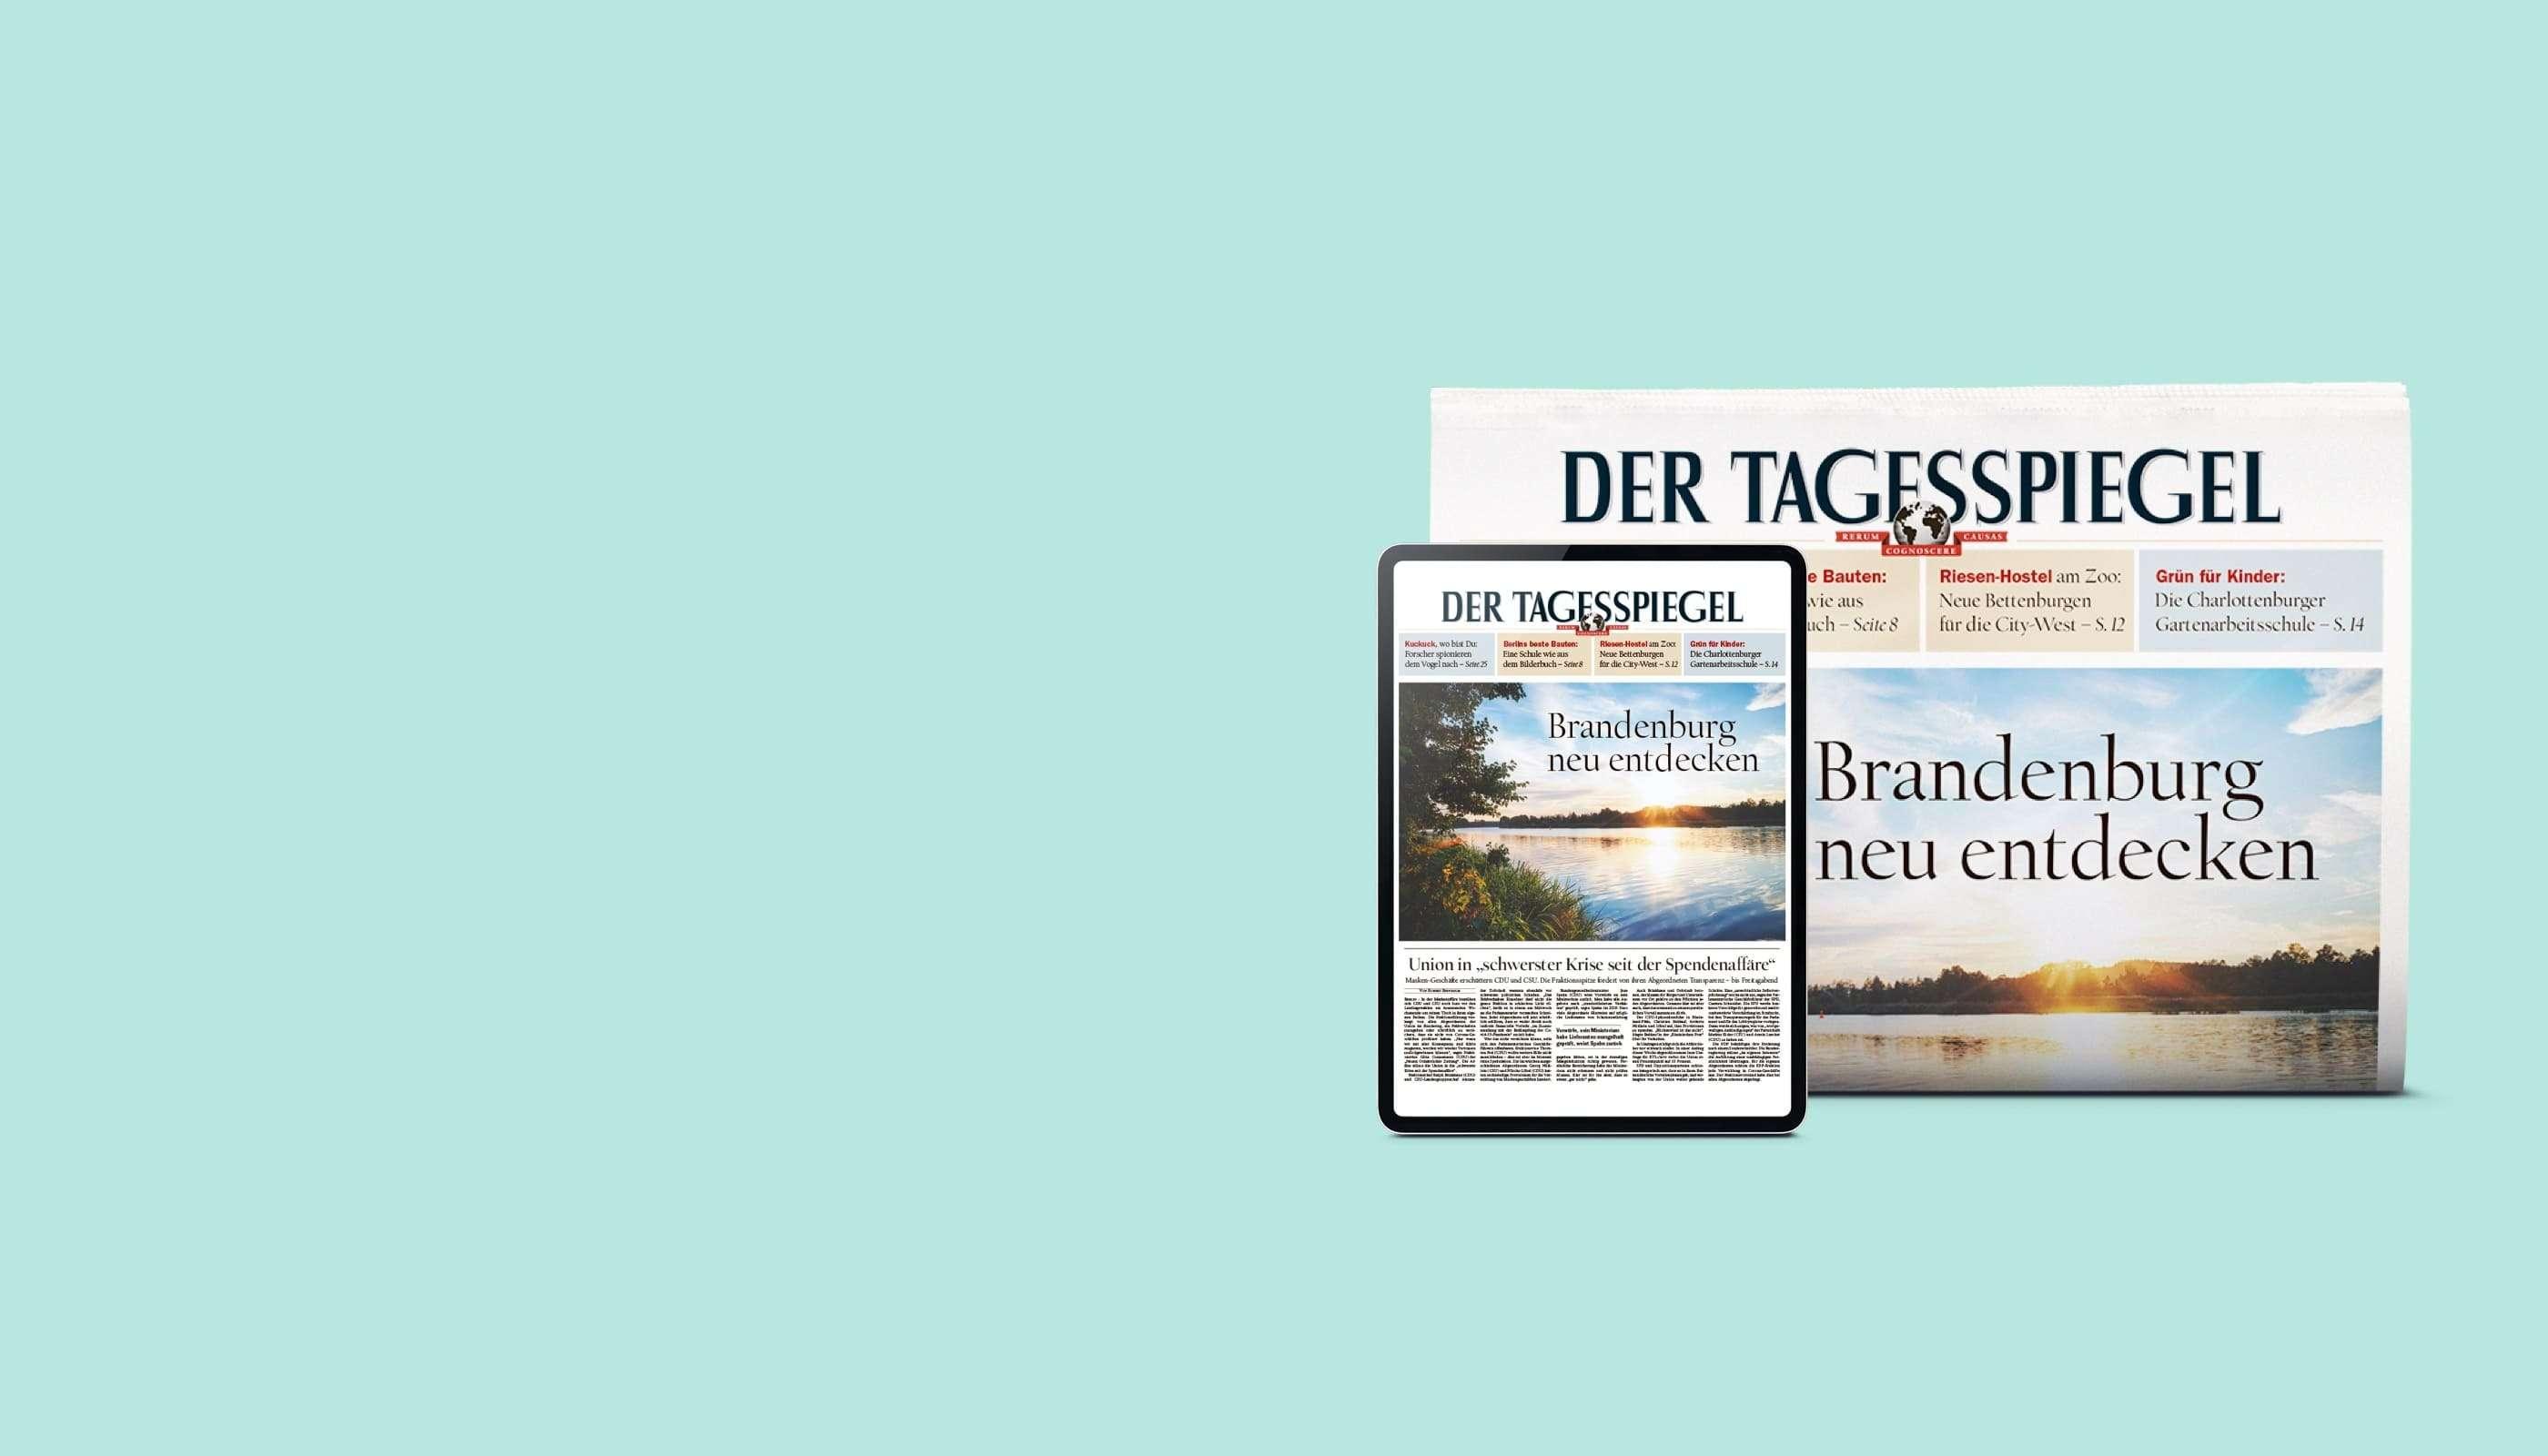 Testen Sie jetzt 4 Wochen den Tagesspiegel gratis!